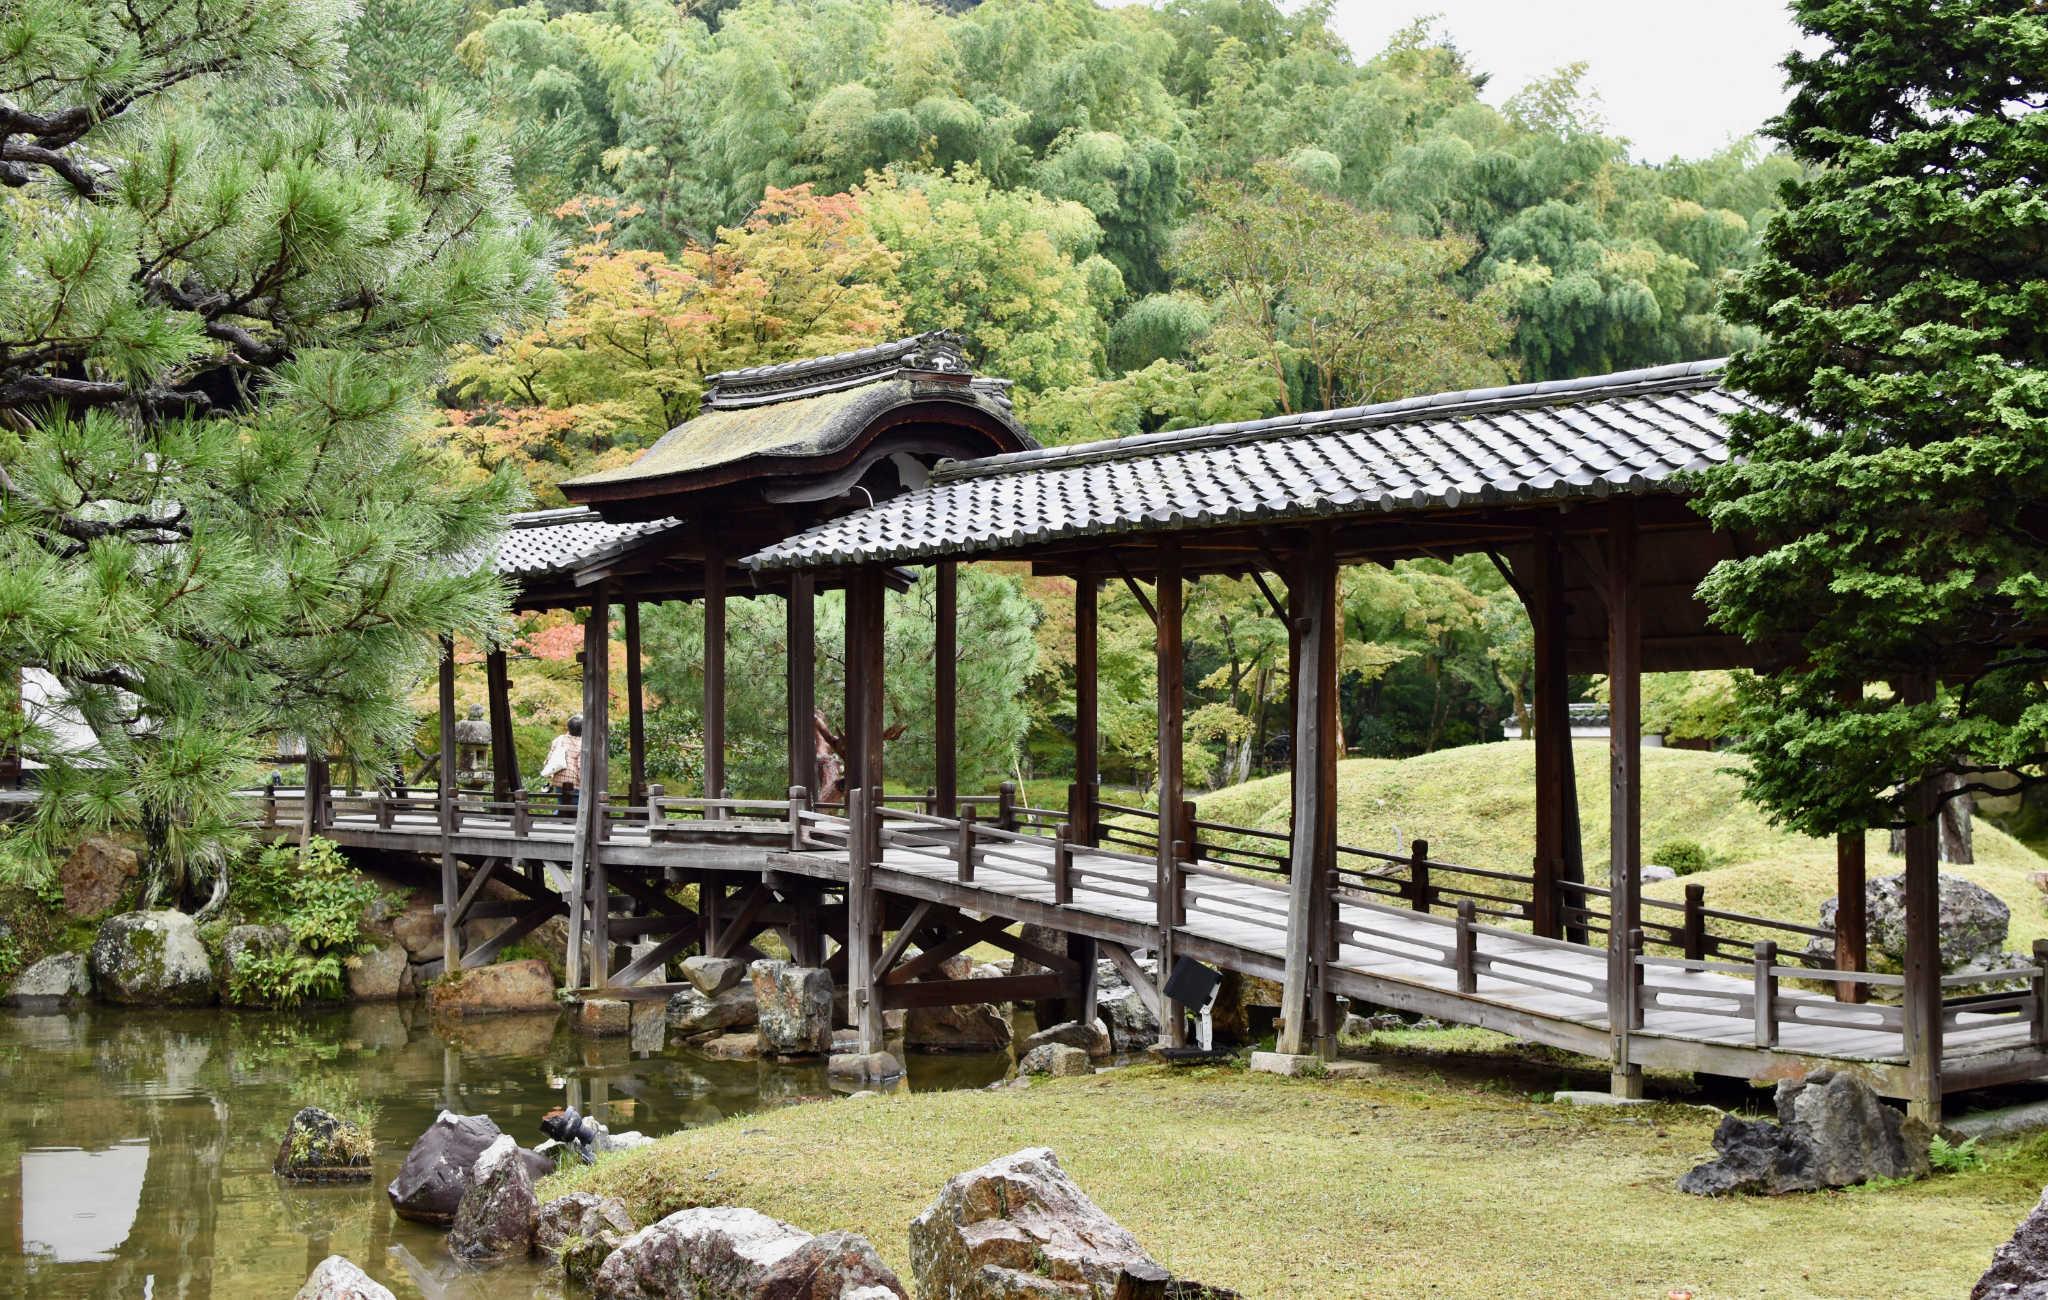 Le pont qui enjambe le cours d'eau est un point central du jardin